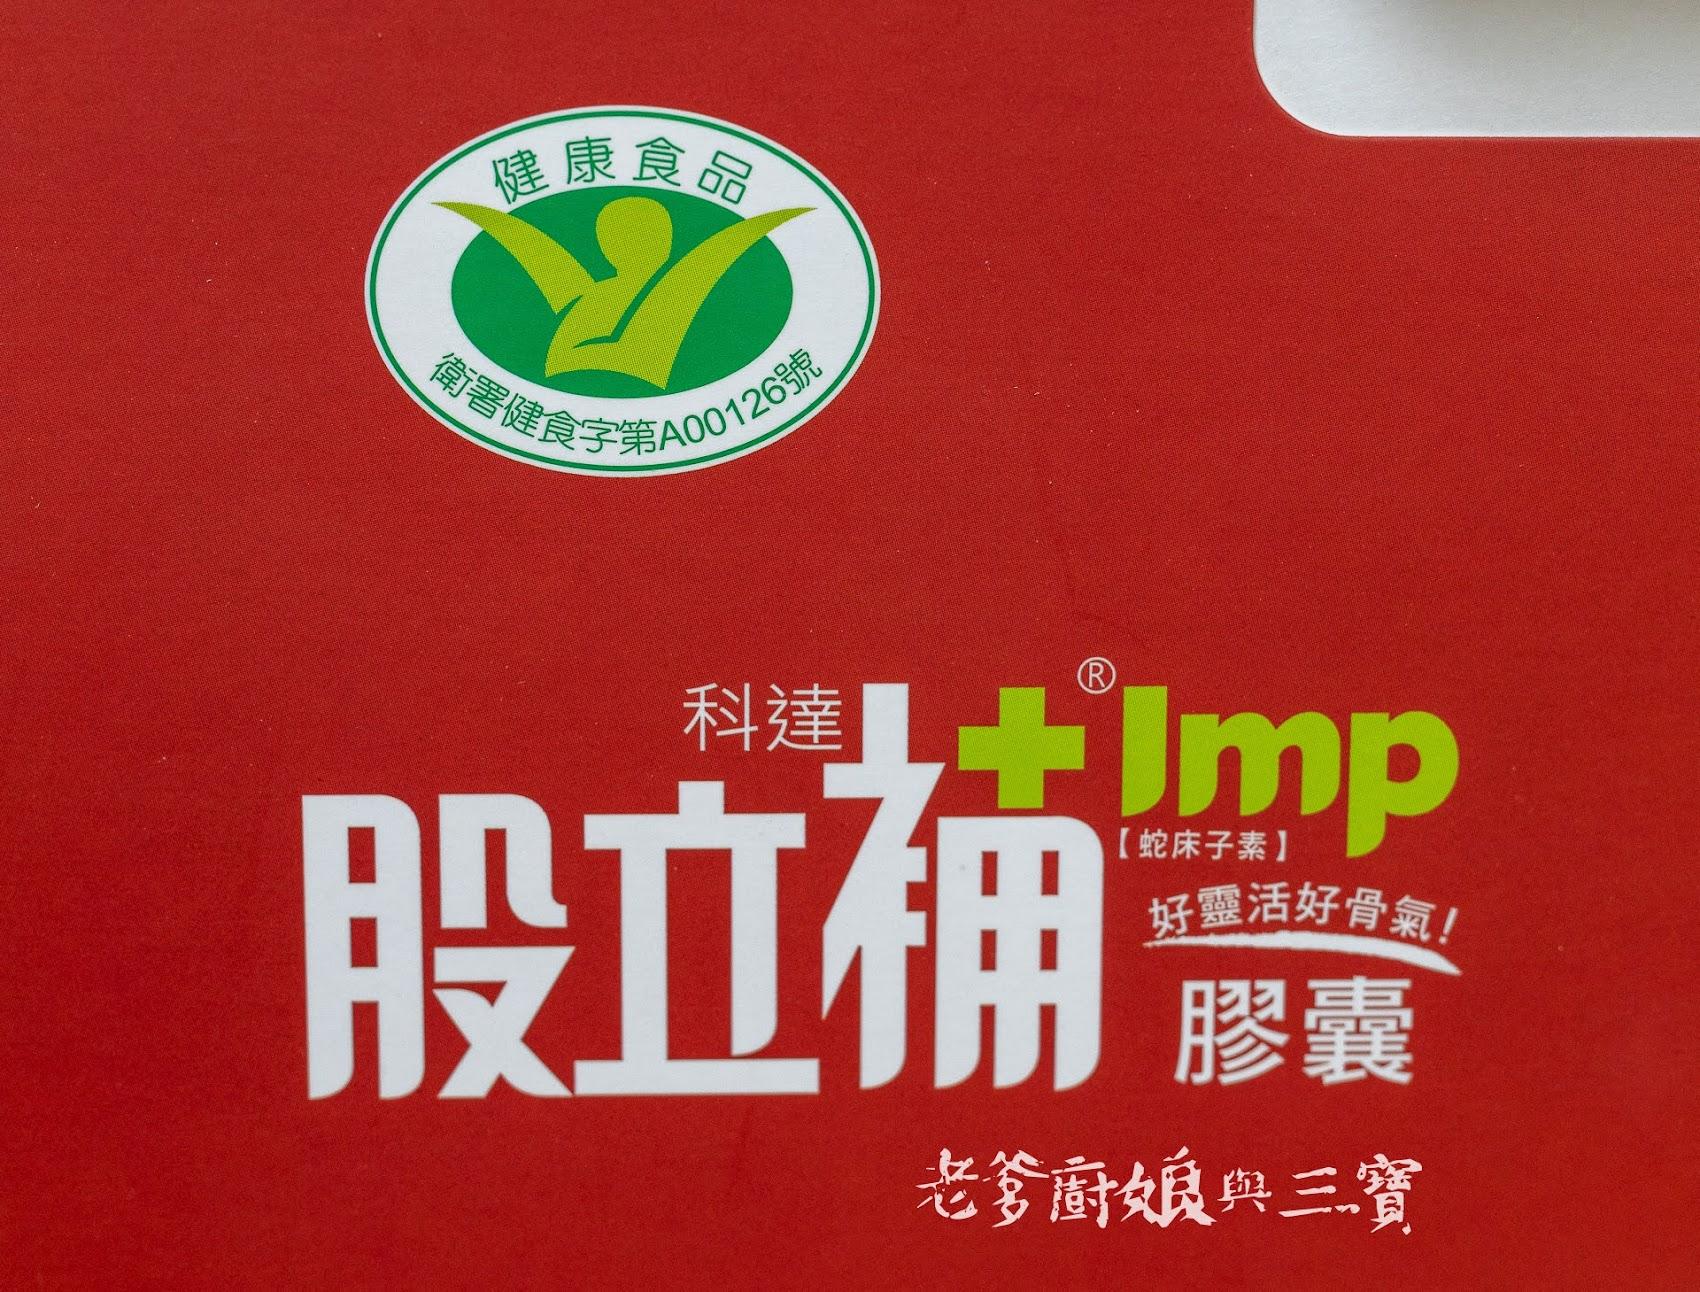 「家後股立補」,擁有國家認證小綠人標章的補骨保健食品推薦!漢方早已超越你的想像!